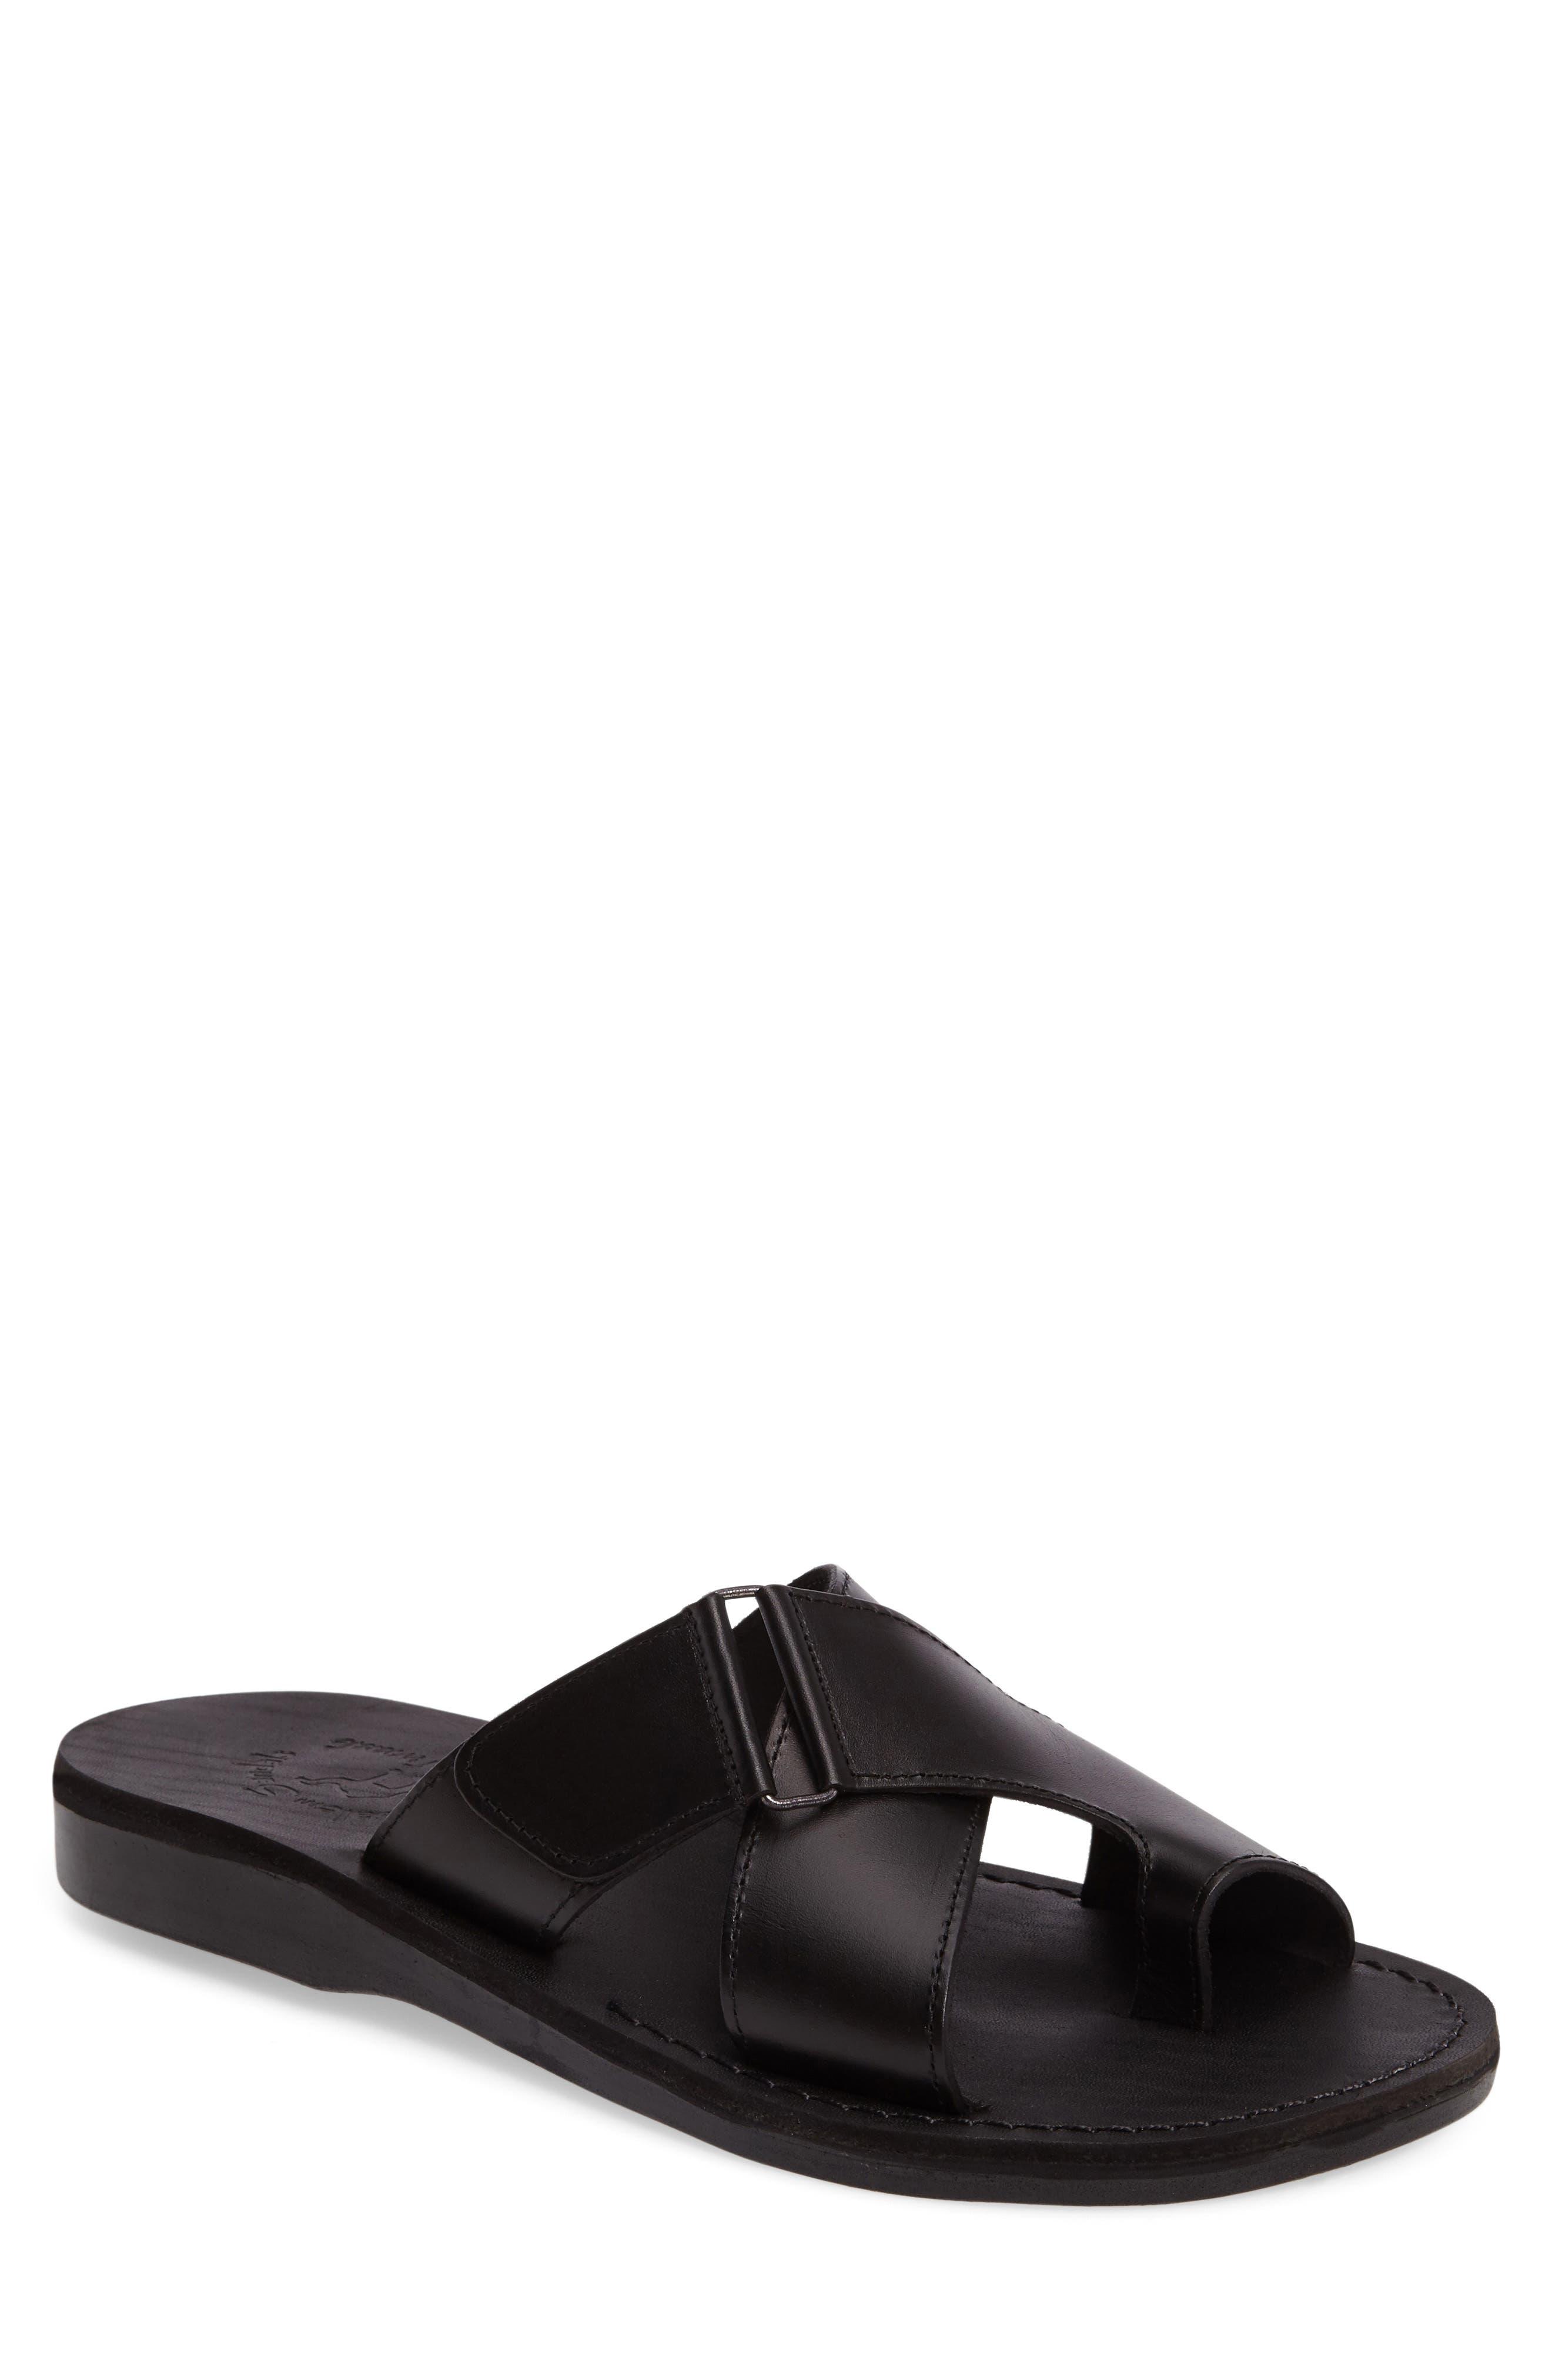 Asher Slide Sandal